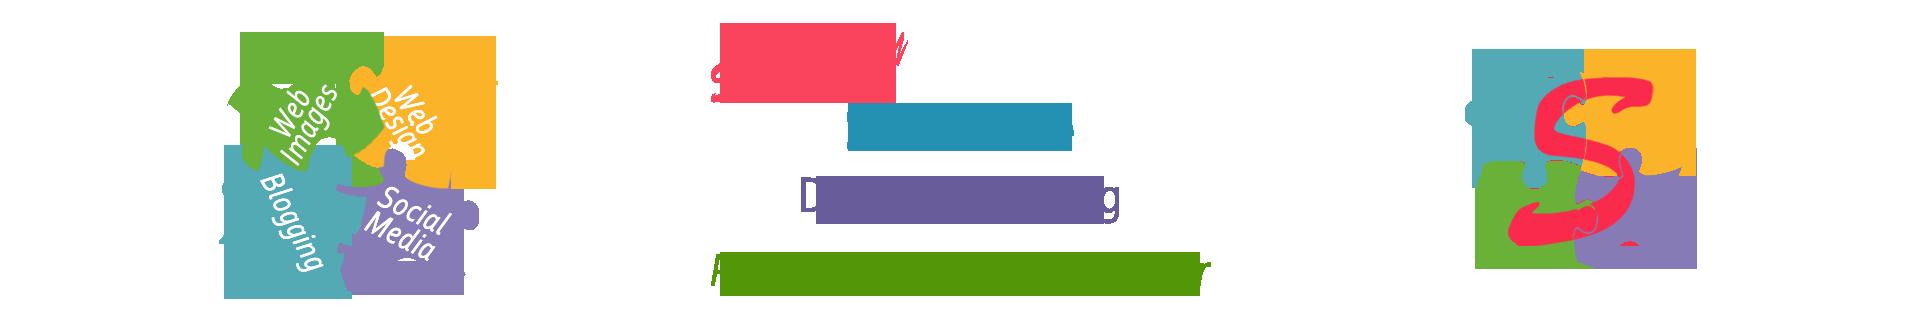 Blogging Sueblimely